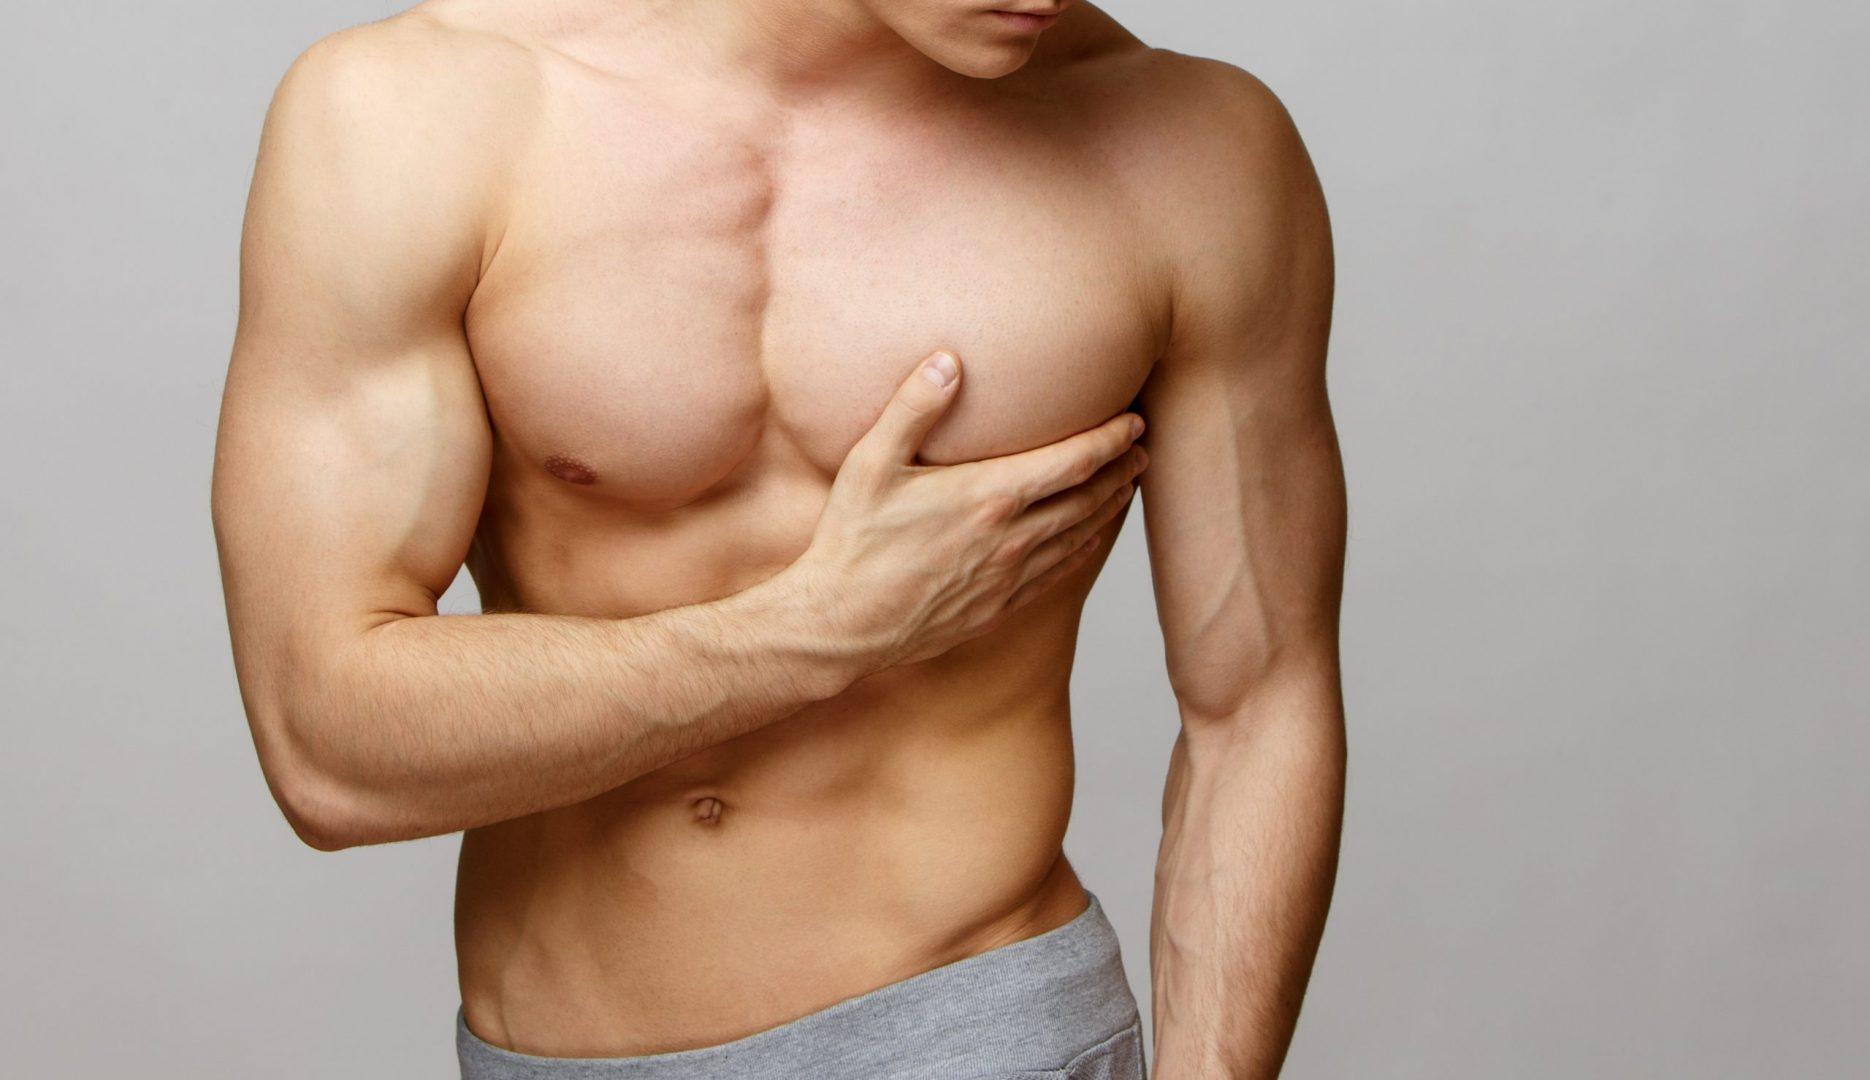 cirugia masculina